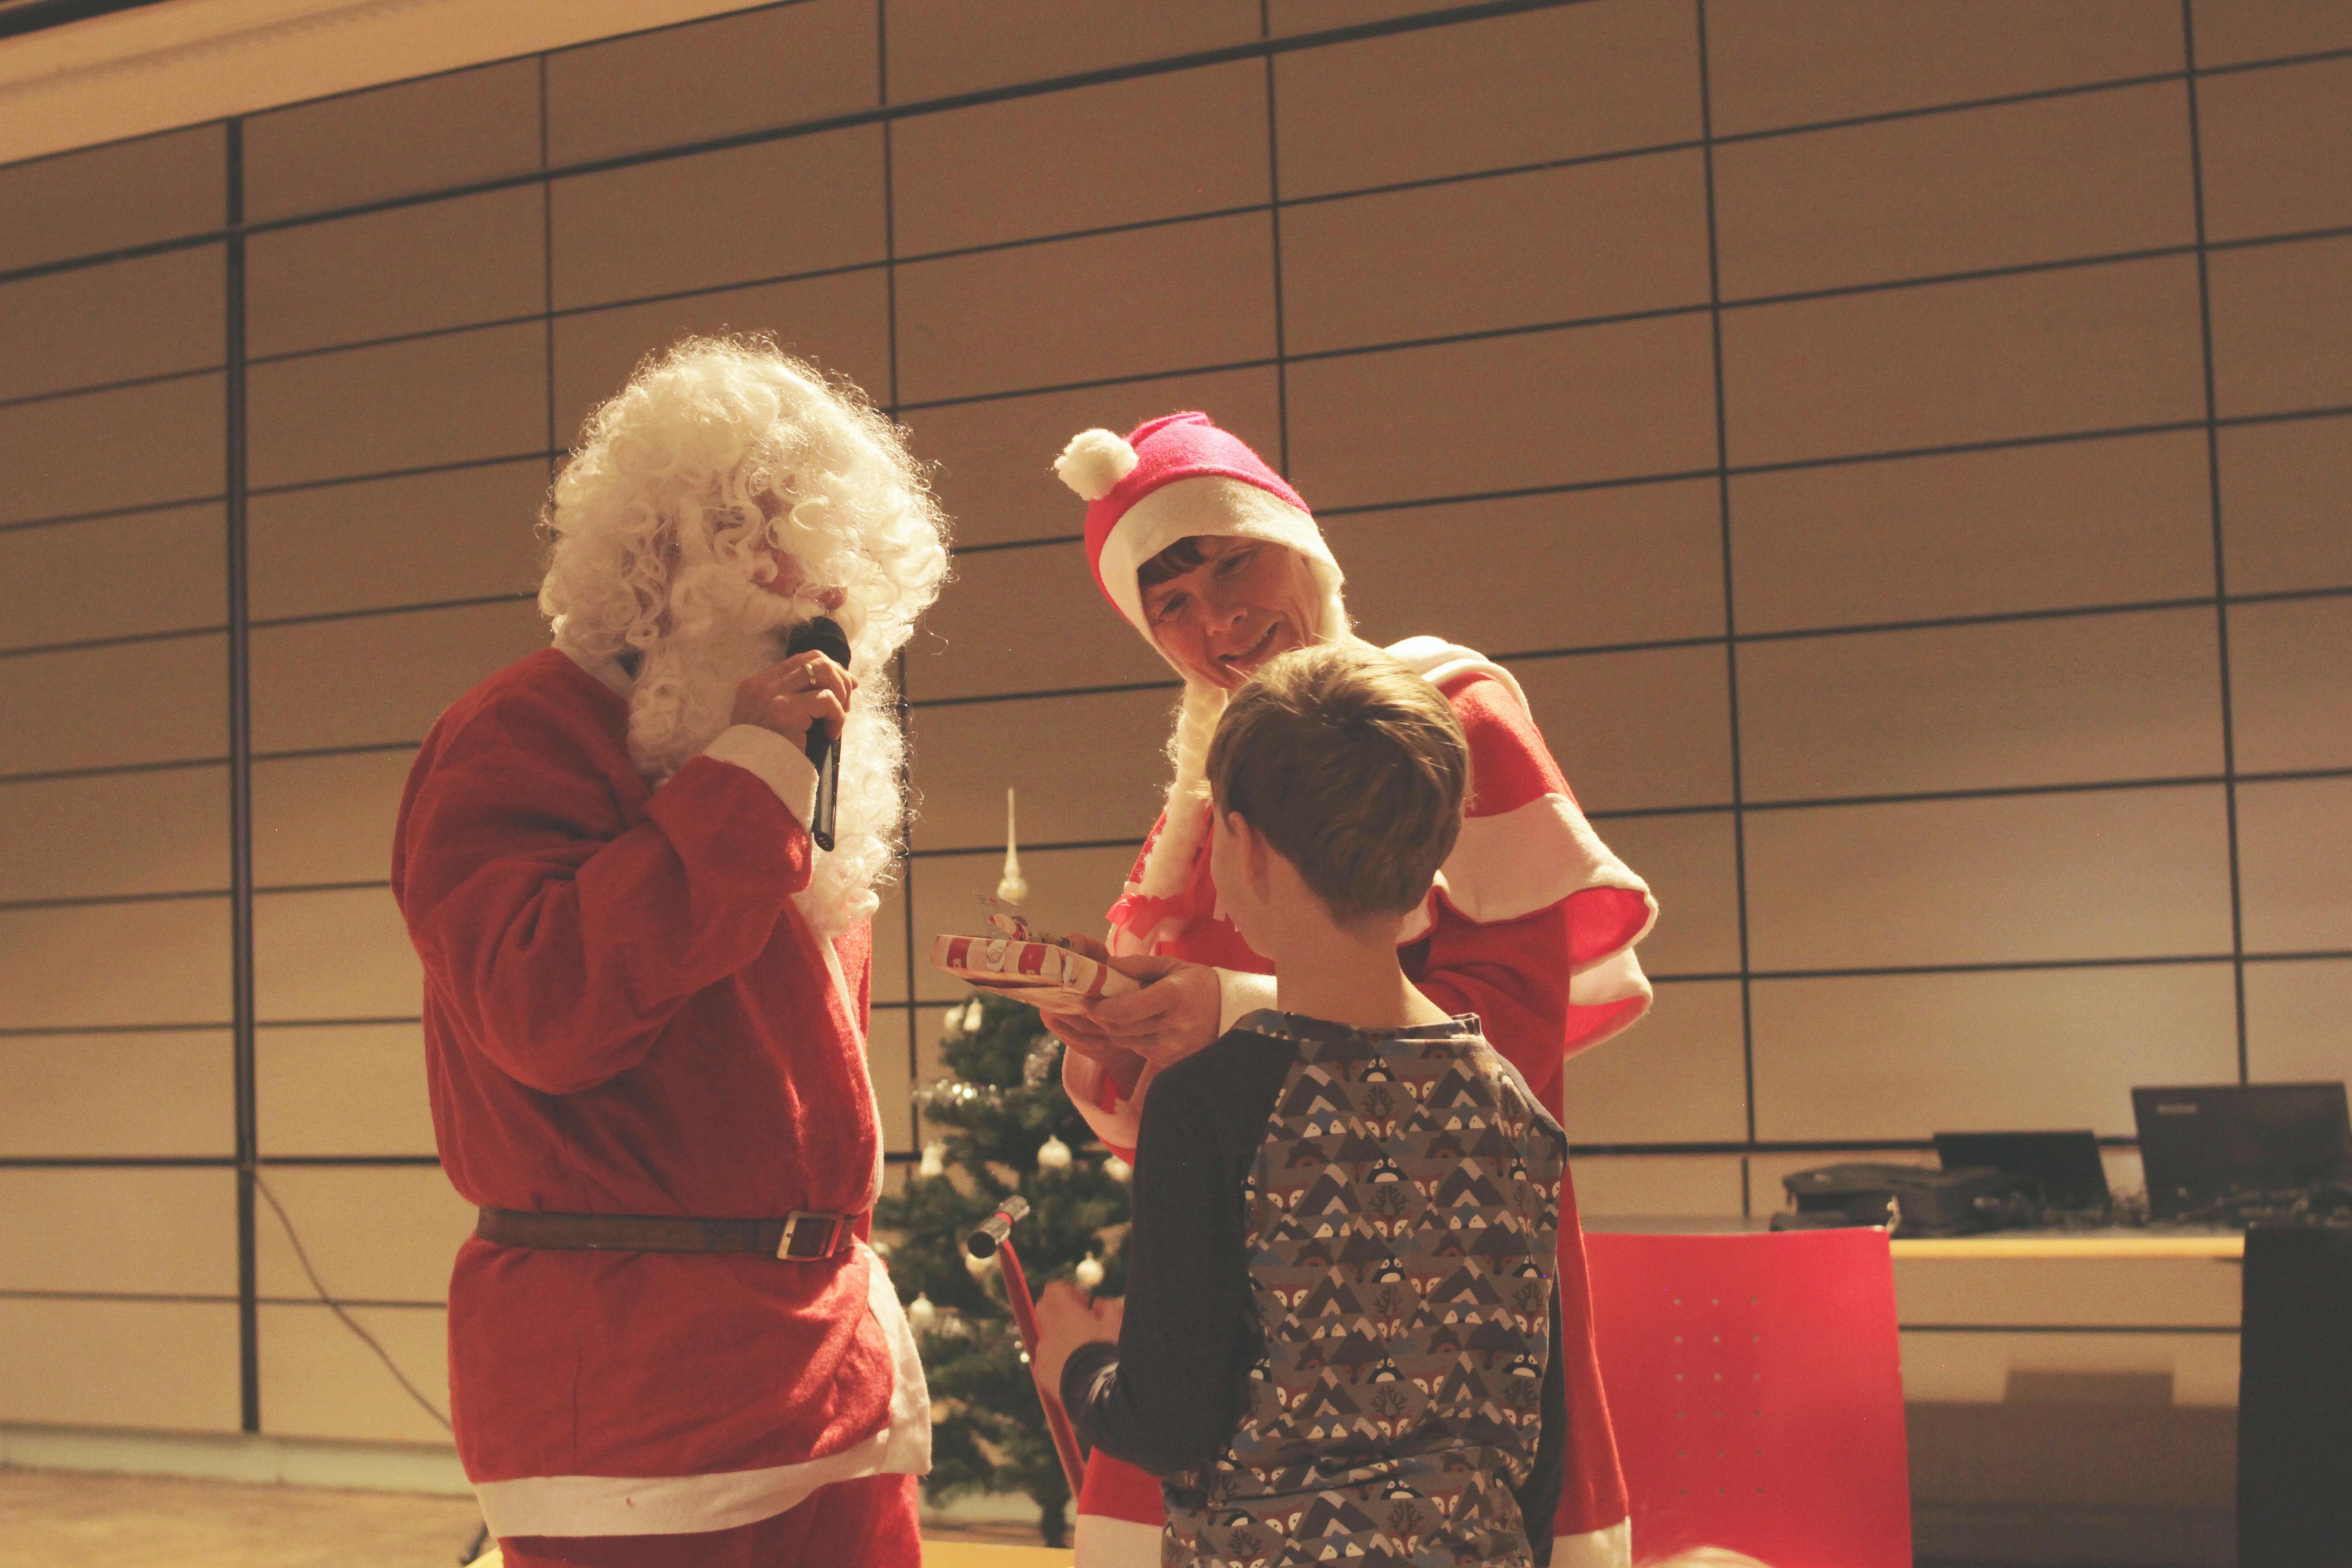 Weihnachtsfeier Ideen Chemnitz.Kinderweihnachtsfeier Veranstaltungen Familiengerechte